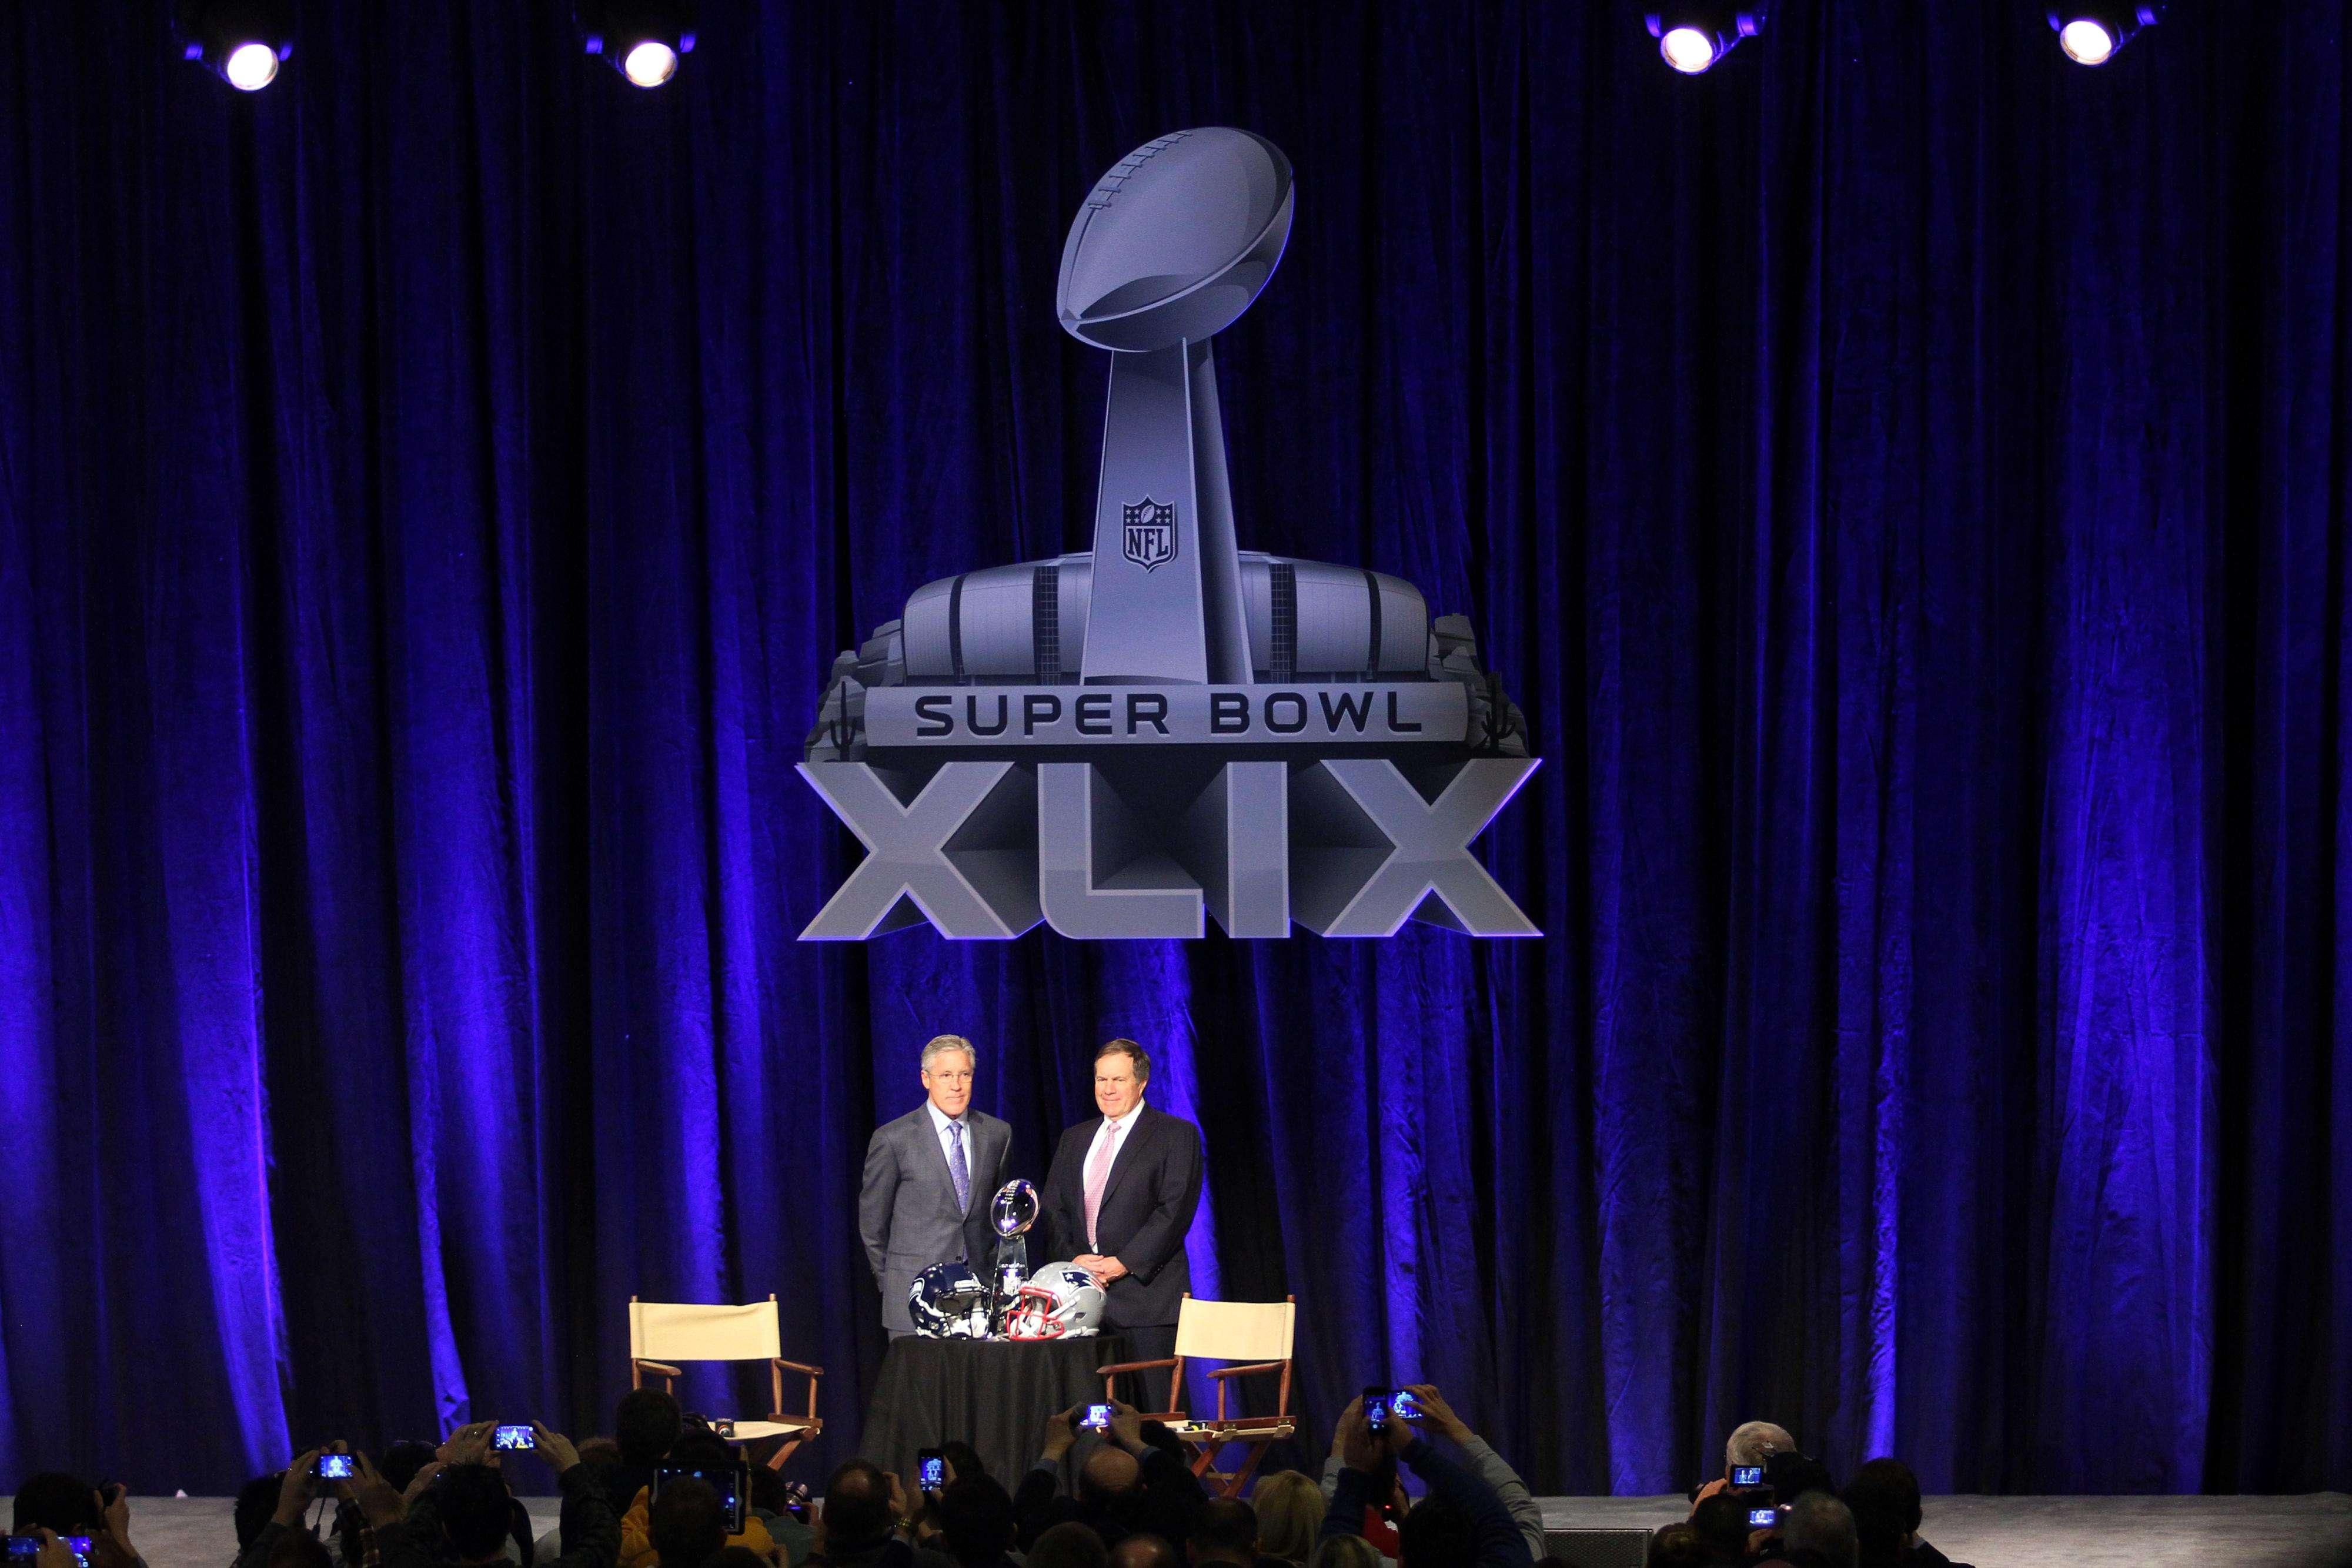 Conferencia de prensa con los dos entrenadores en jefe del Super Bowl: Pete Carroll, de Seattle y Bill Bellichick de los Patriotas Foto: Mario Castillo / Derechos reservados/TERRA